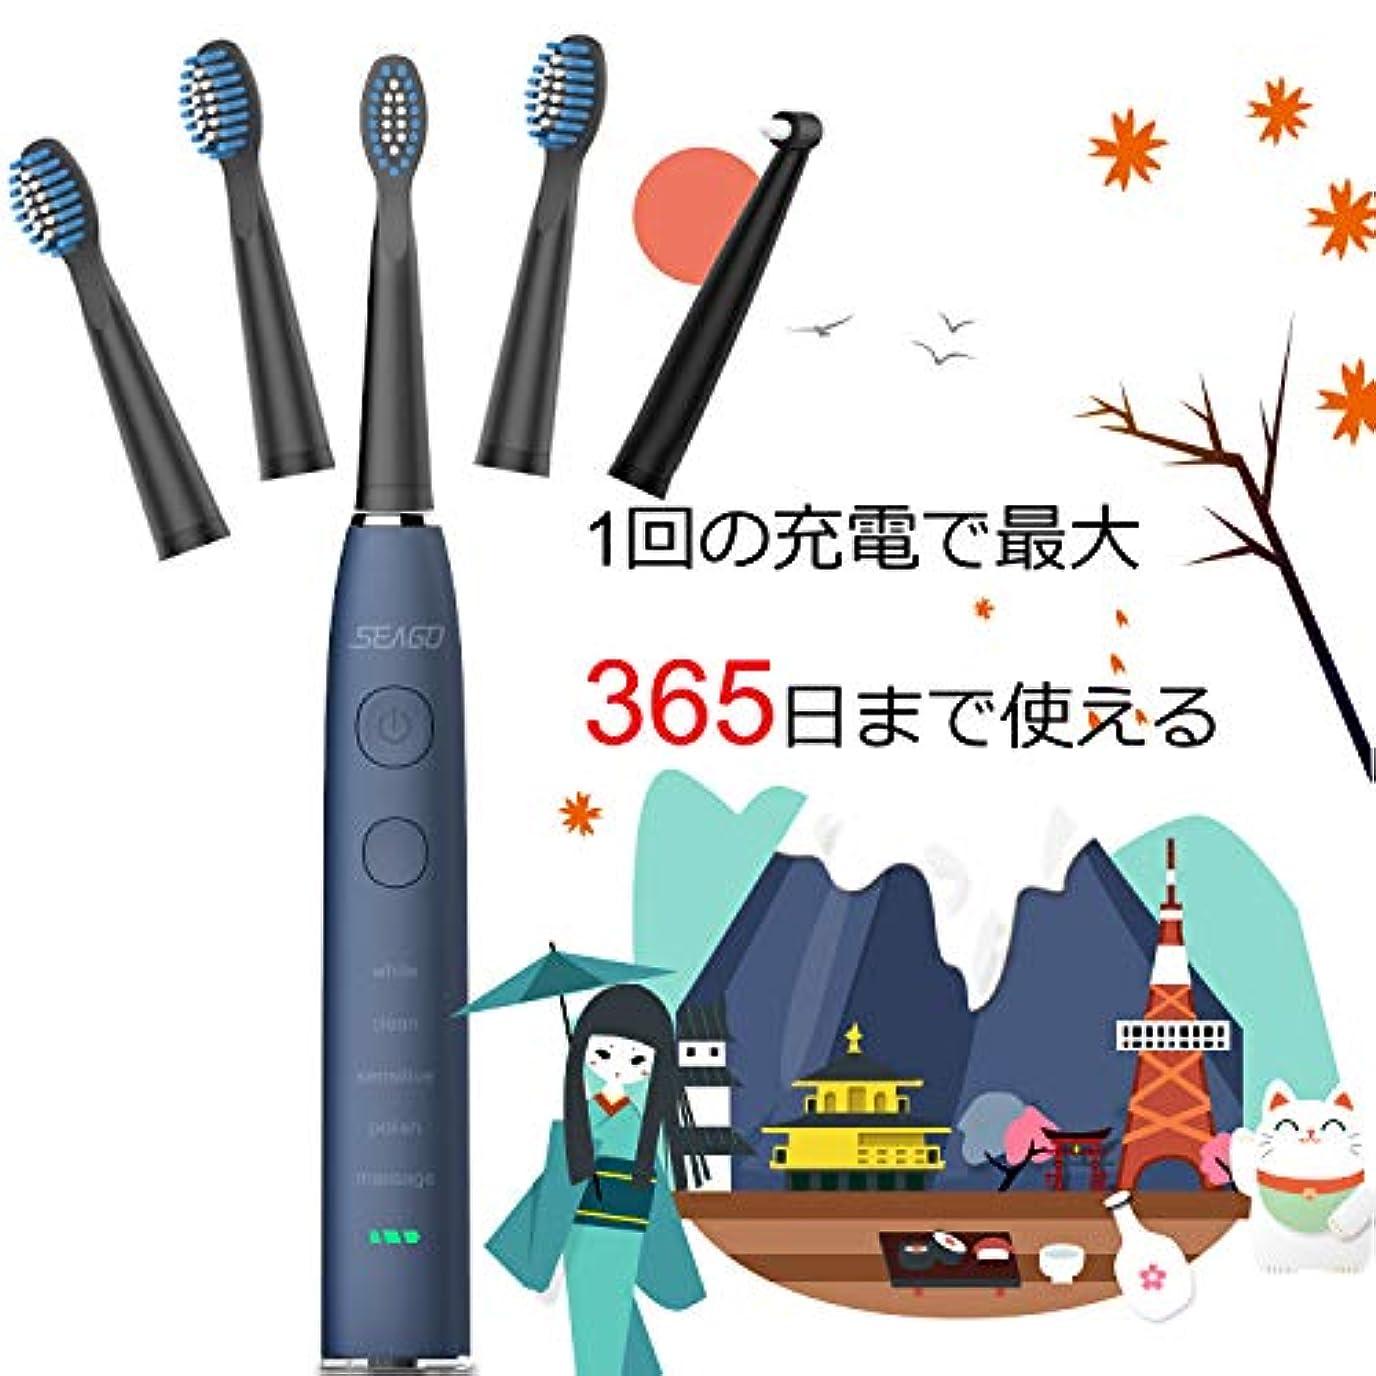 証人リズムコンサルタント電動歯ブラシ 歯ブラシ seago 音波歯ブラシ USB充電式8時間 365日に使用 IPX7防水 五つモードと2分オートタイマー機能搭載 替えブラシ5本 12ヶ月メーカー保証 SG-575(ブルー)